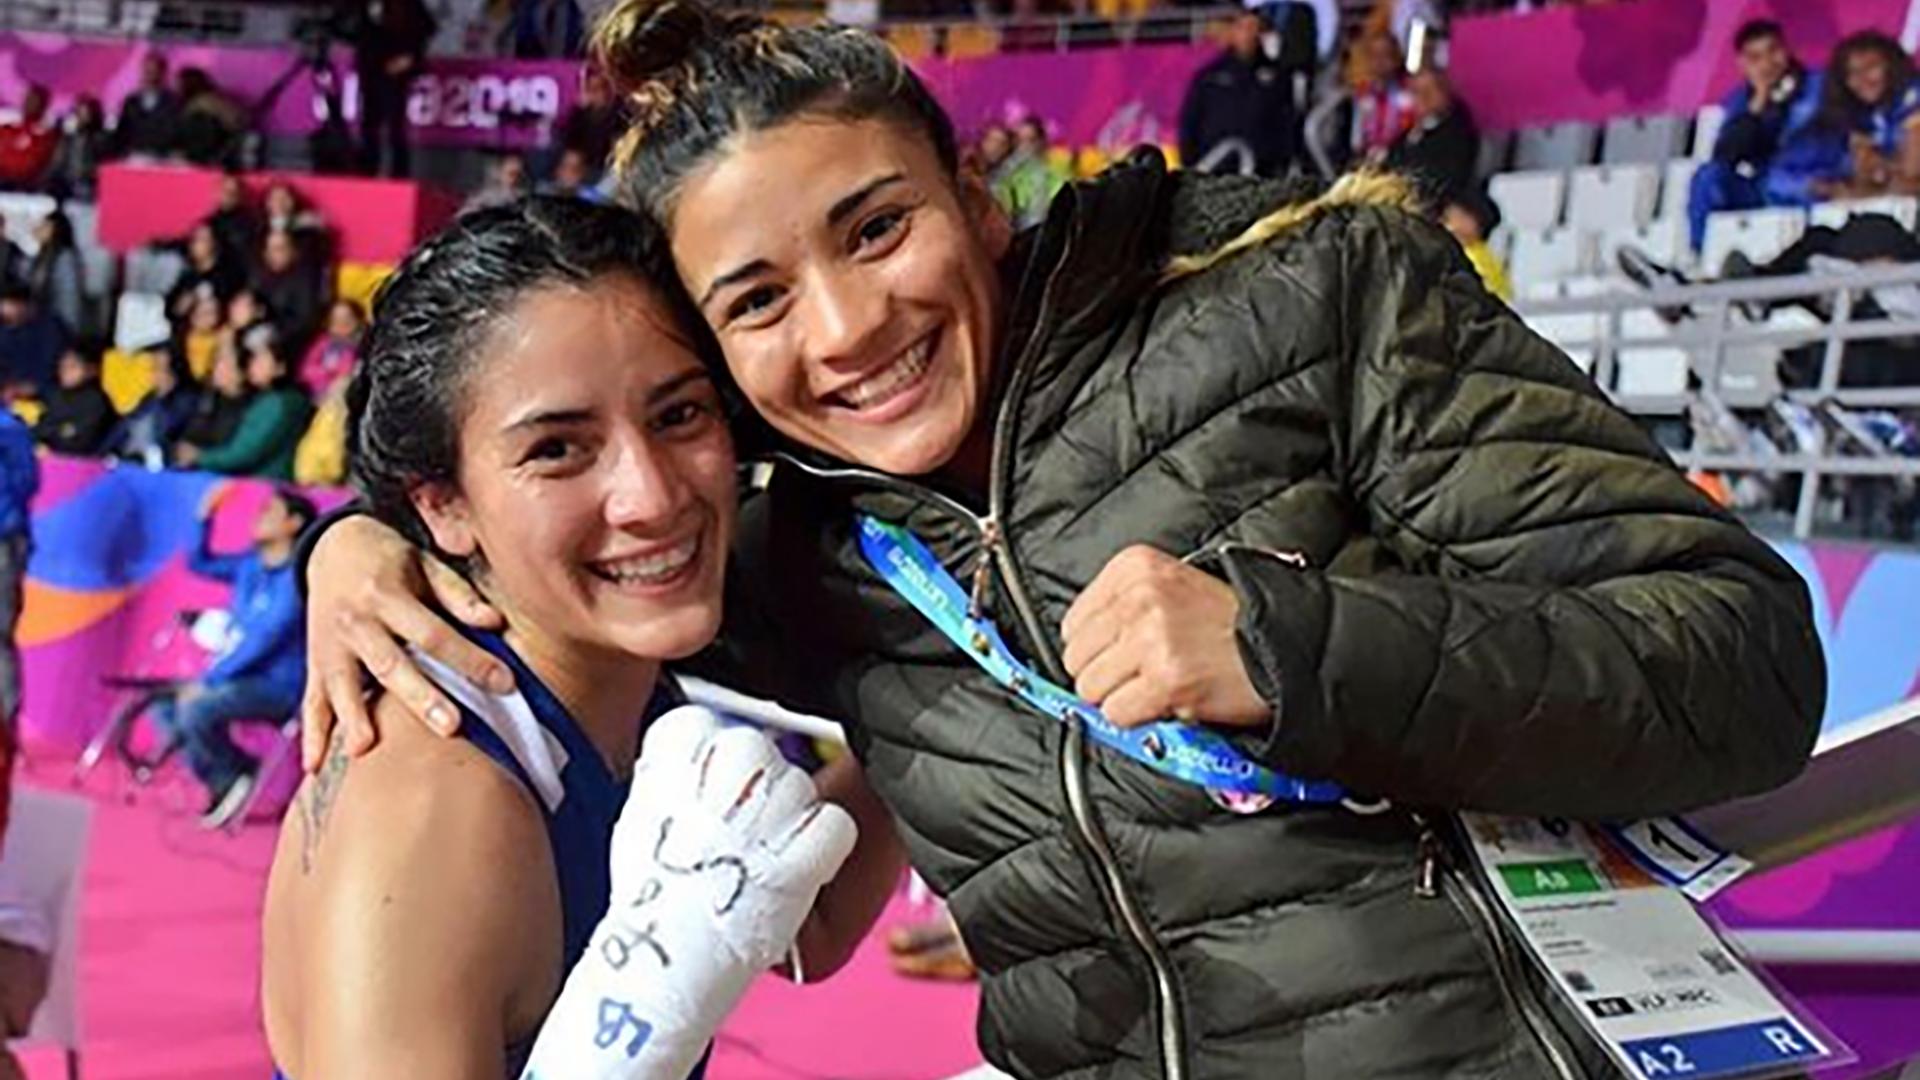 Hermanas de oro y plata, su victoria se produjo mucho antes de subirse al podio